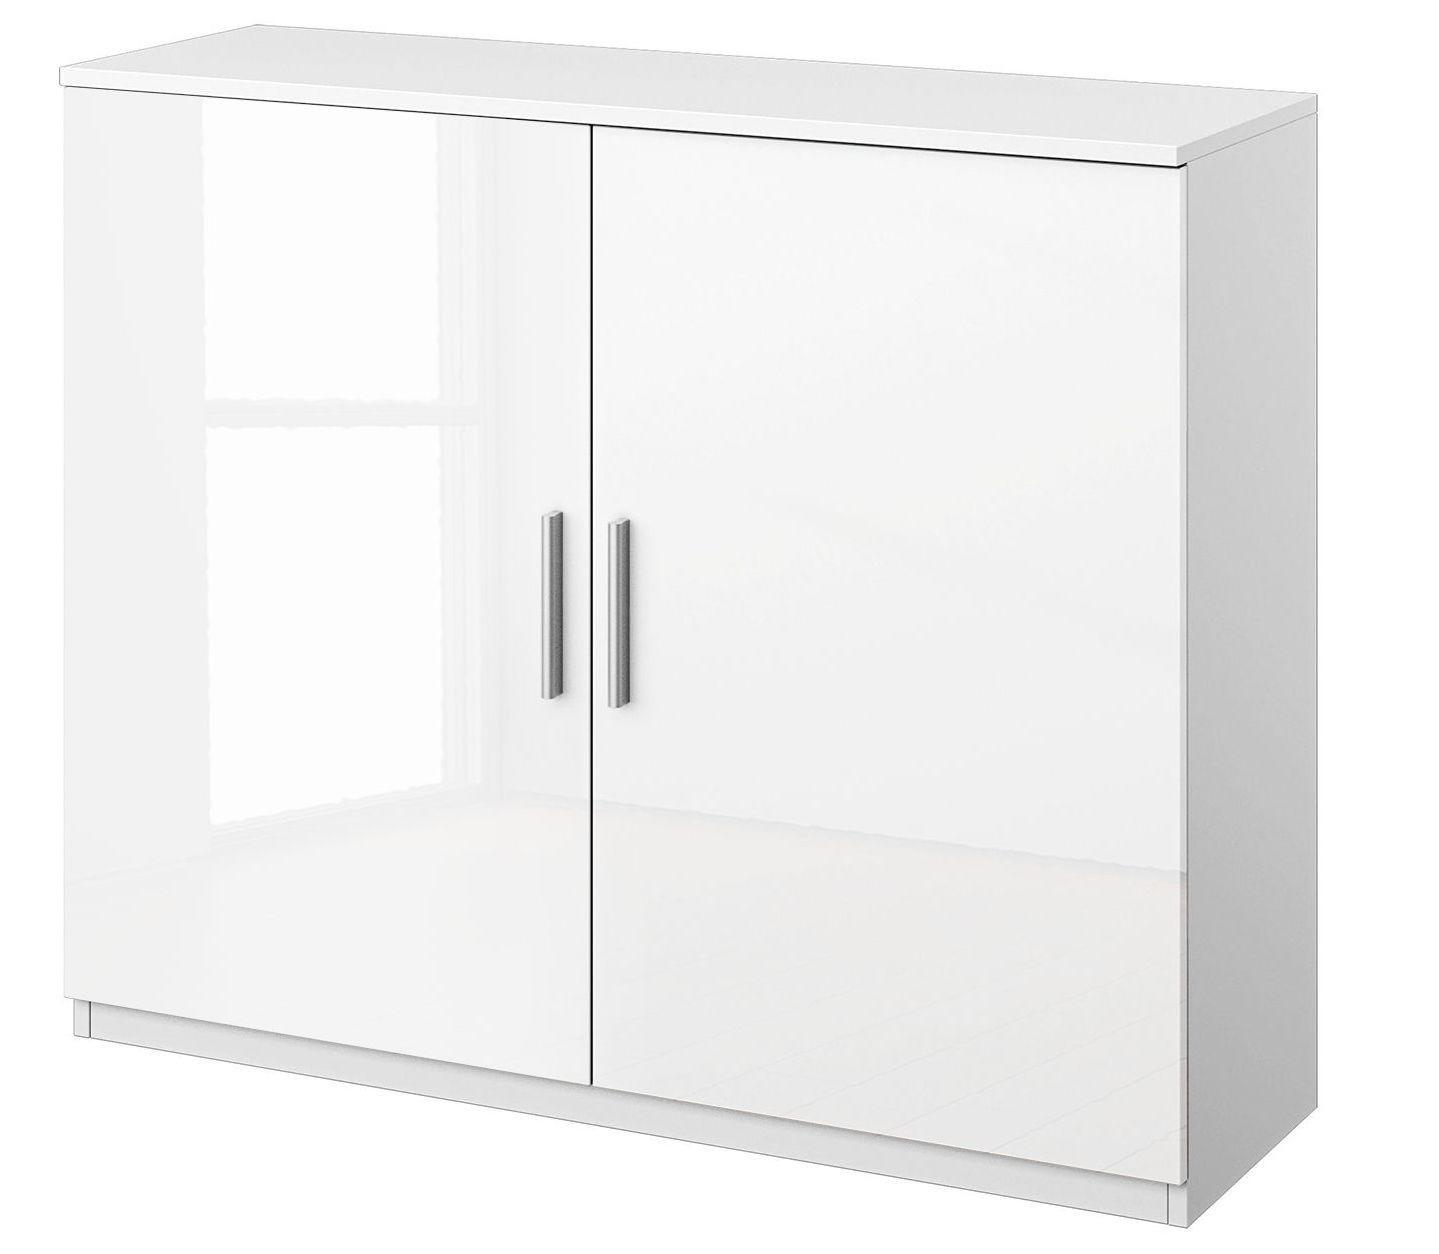 Meuble de rangement 2 portes blanc brillant bello - Meuble de rangement 2 portes coulissantes ...